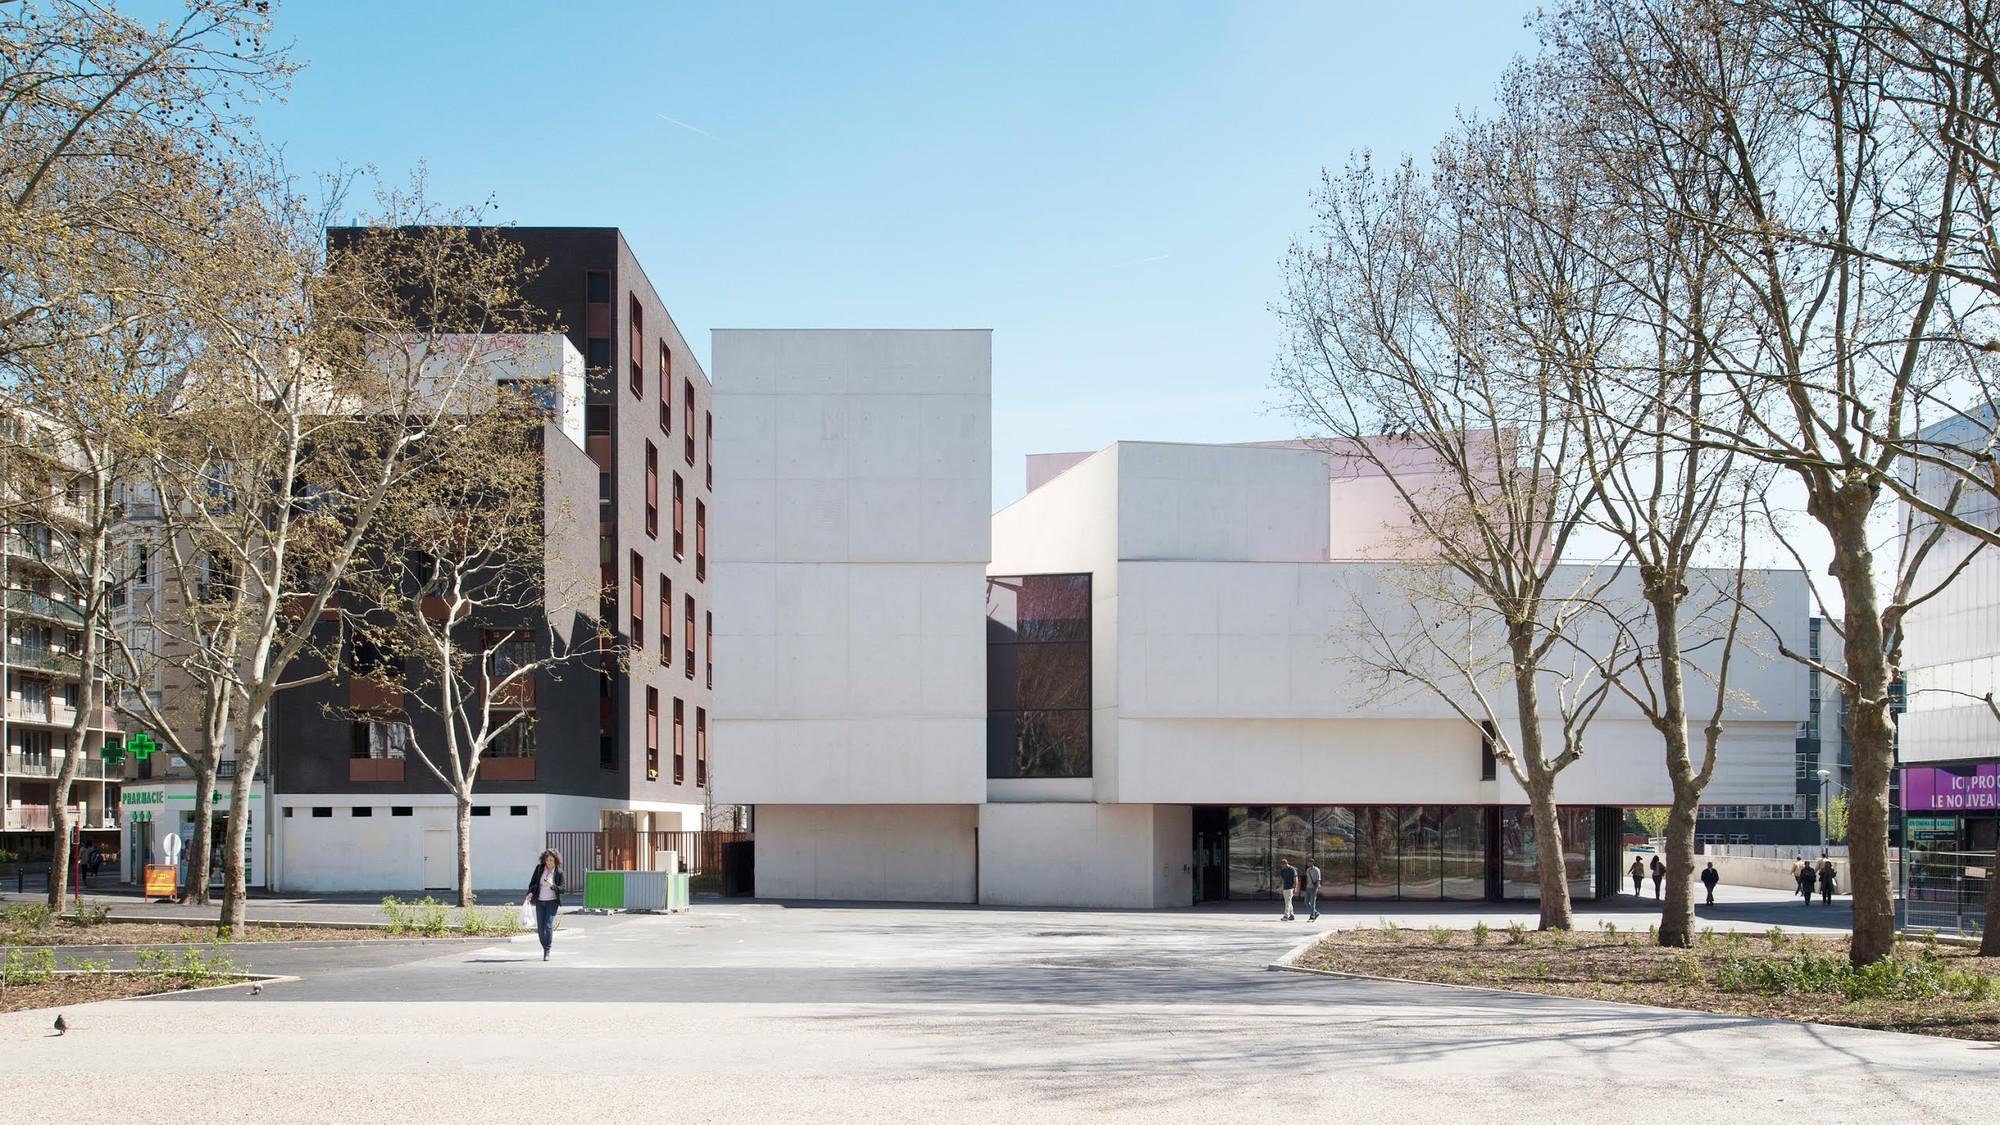 Theater in Montreuil / Dominique Coulon et associés, © Martin Argyroglo